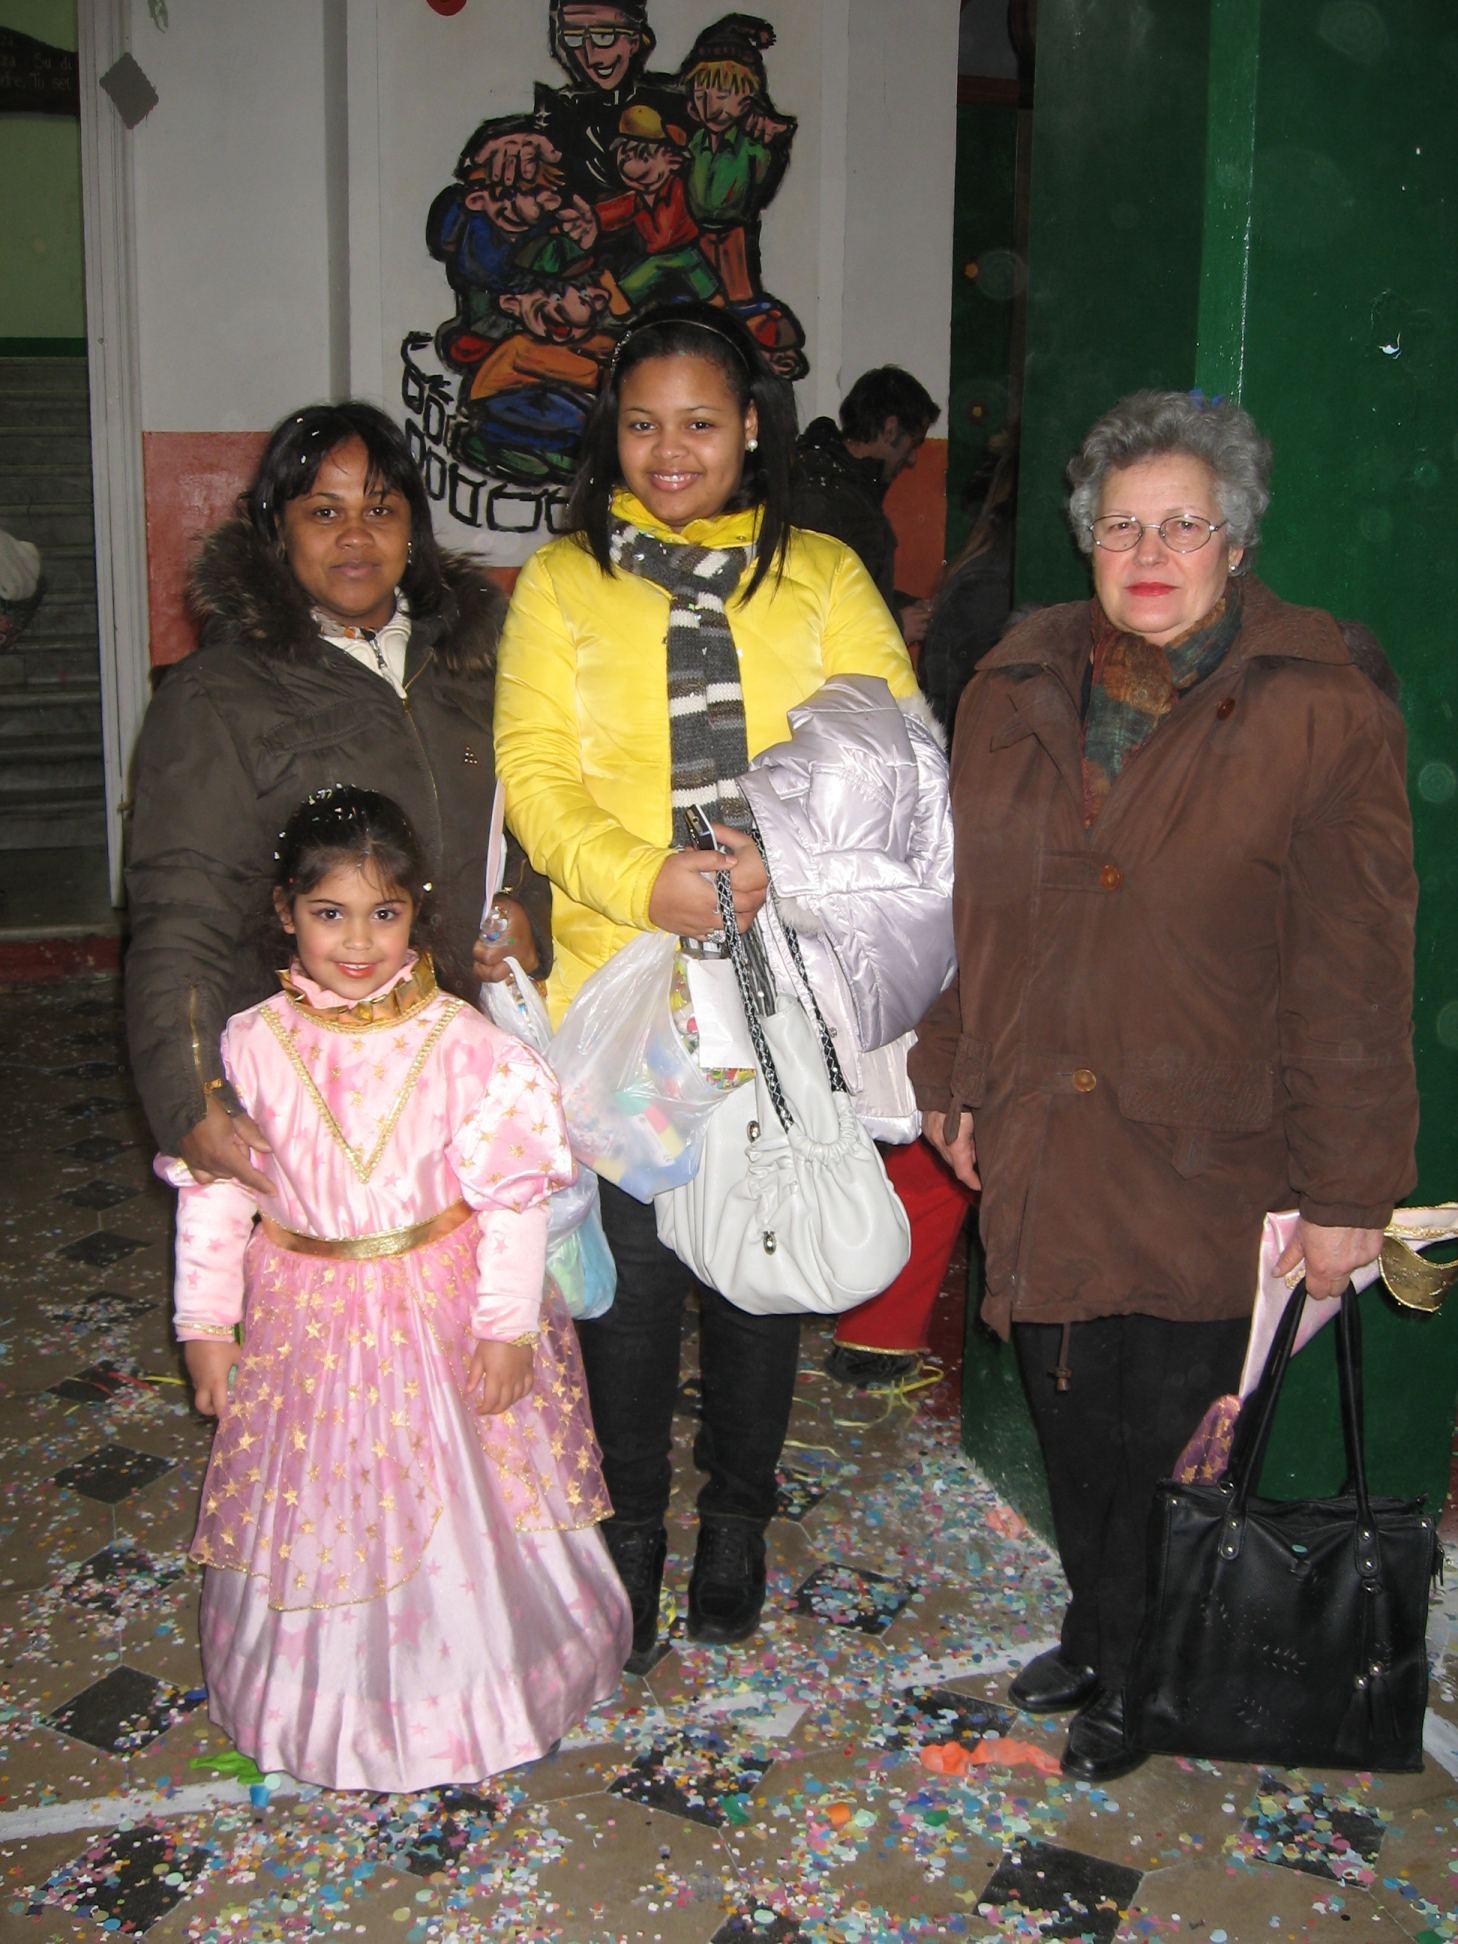 Pentolaccia-2010-02-14--16.24.32